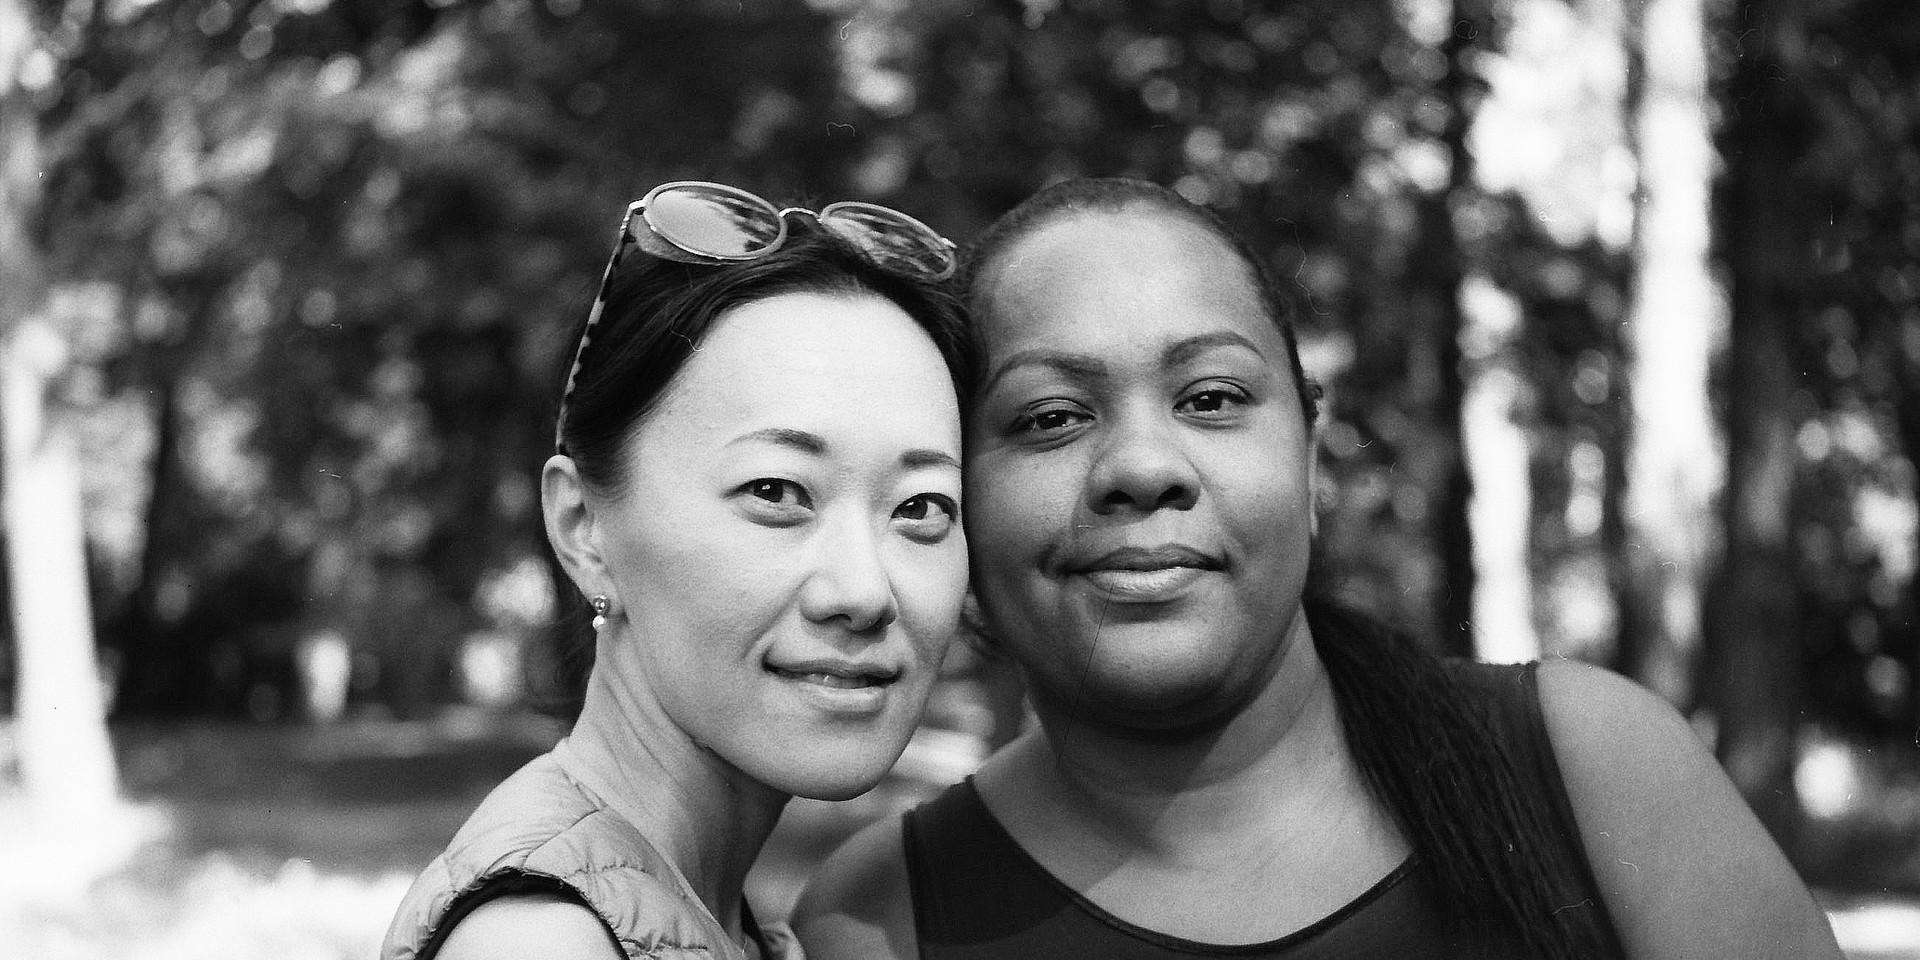 Black and White Stars | Irina and Cristiane